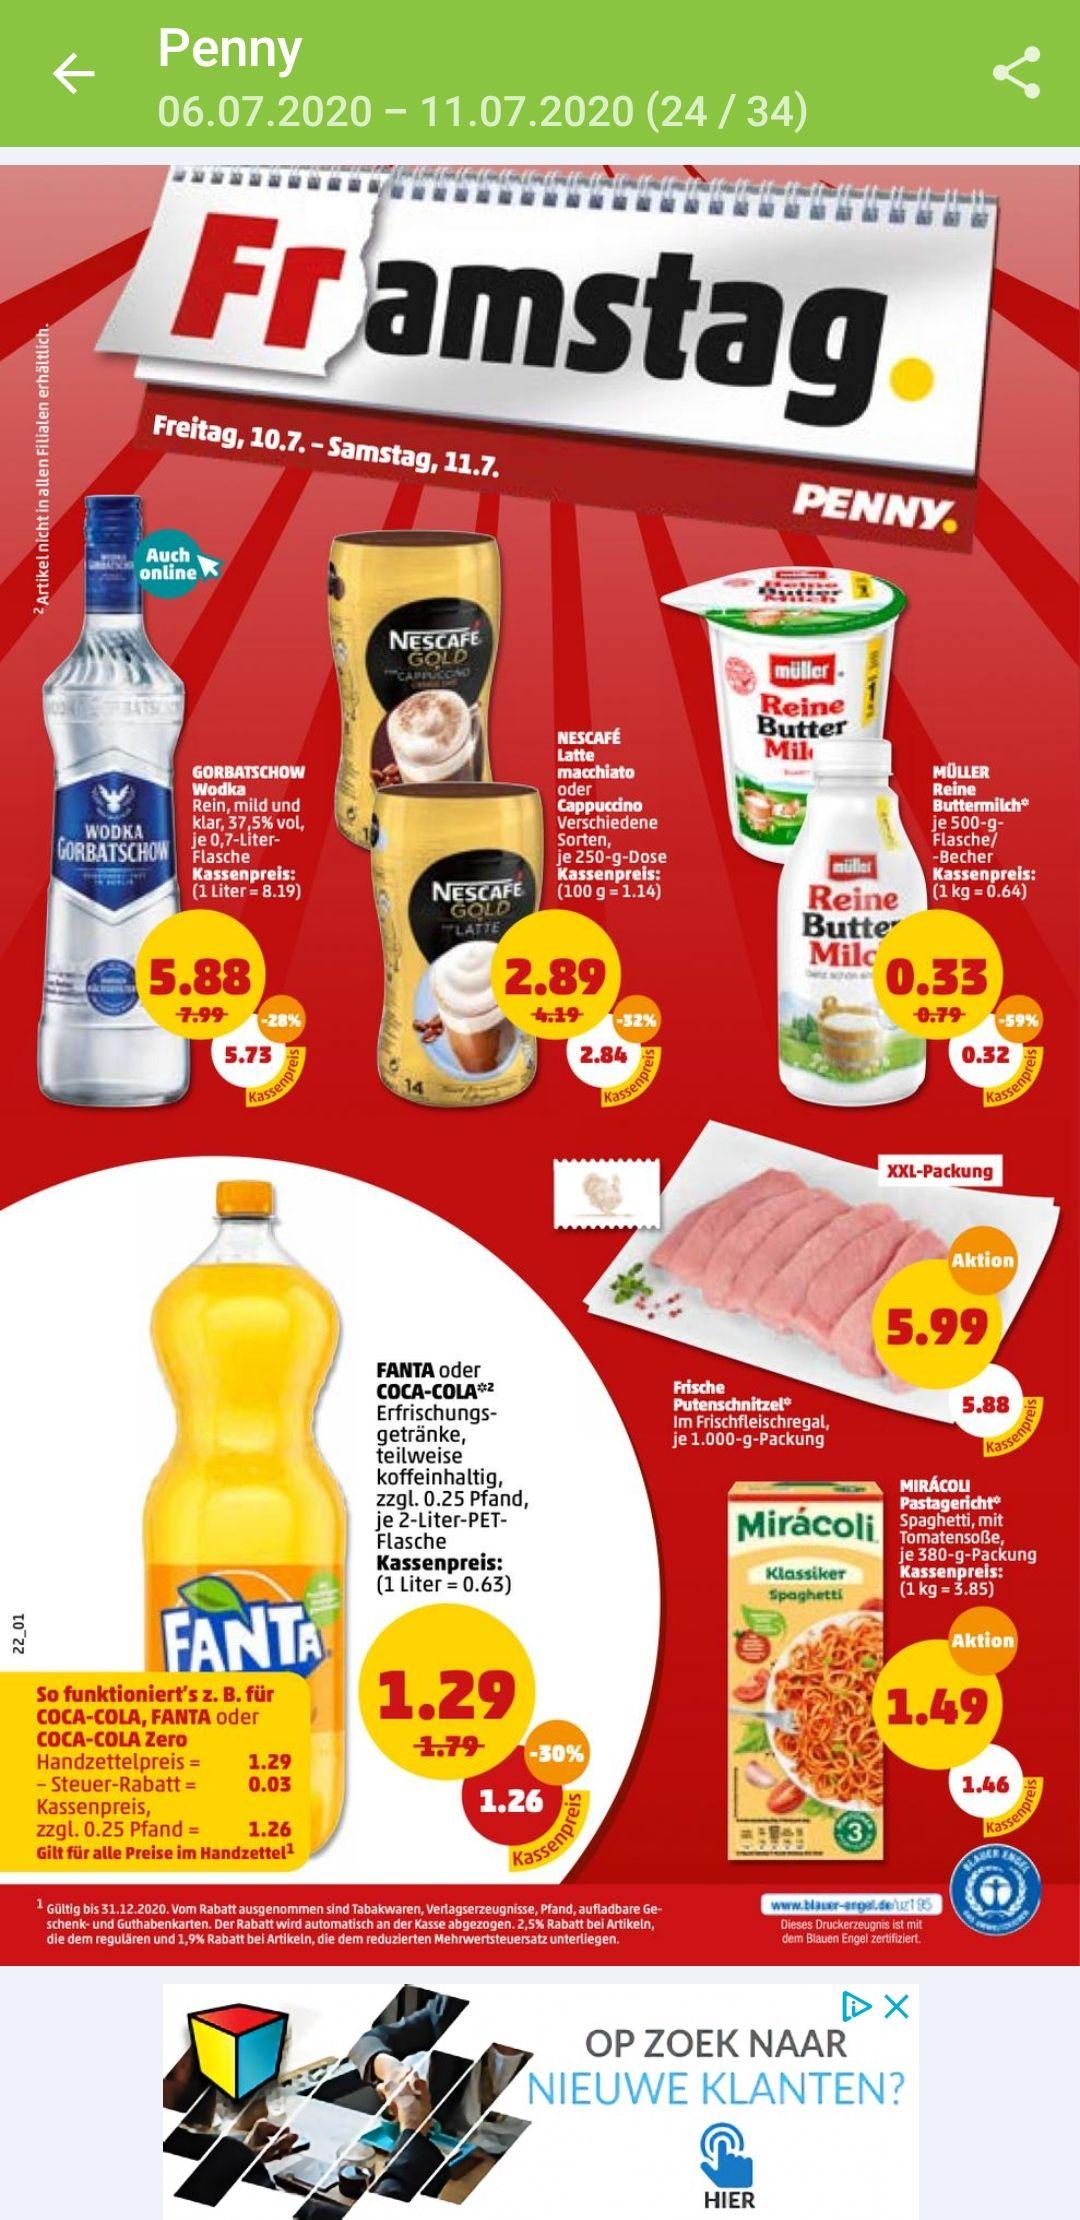 Grensdeal enkel op 10 en 11 juli bij Penny in Duitsland. 2 liter fles Fanta of Coca Cola 1,26€